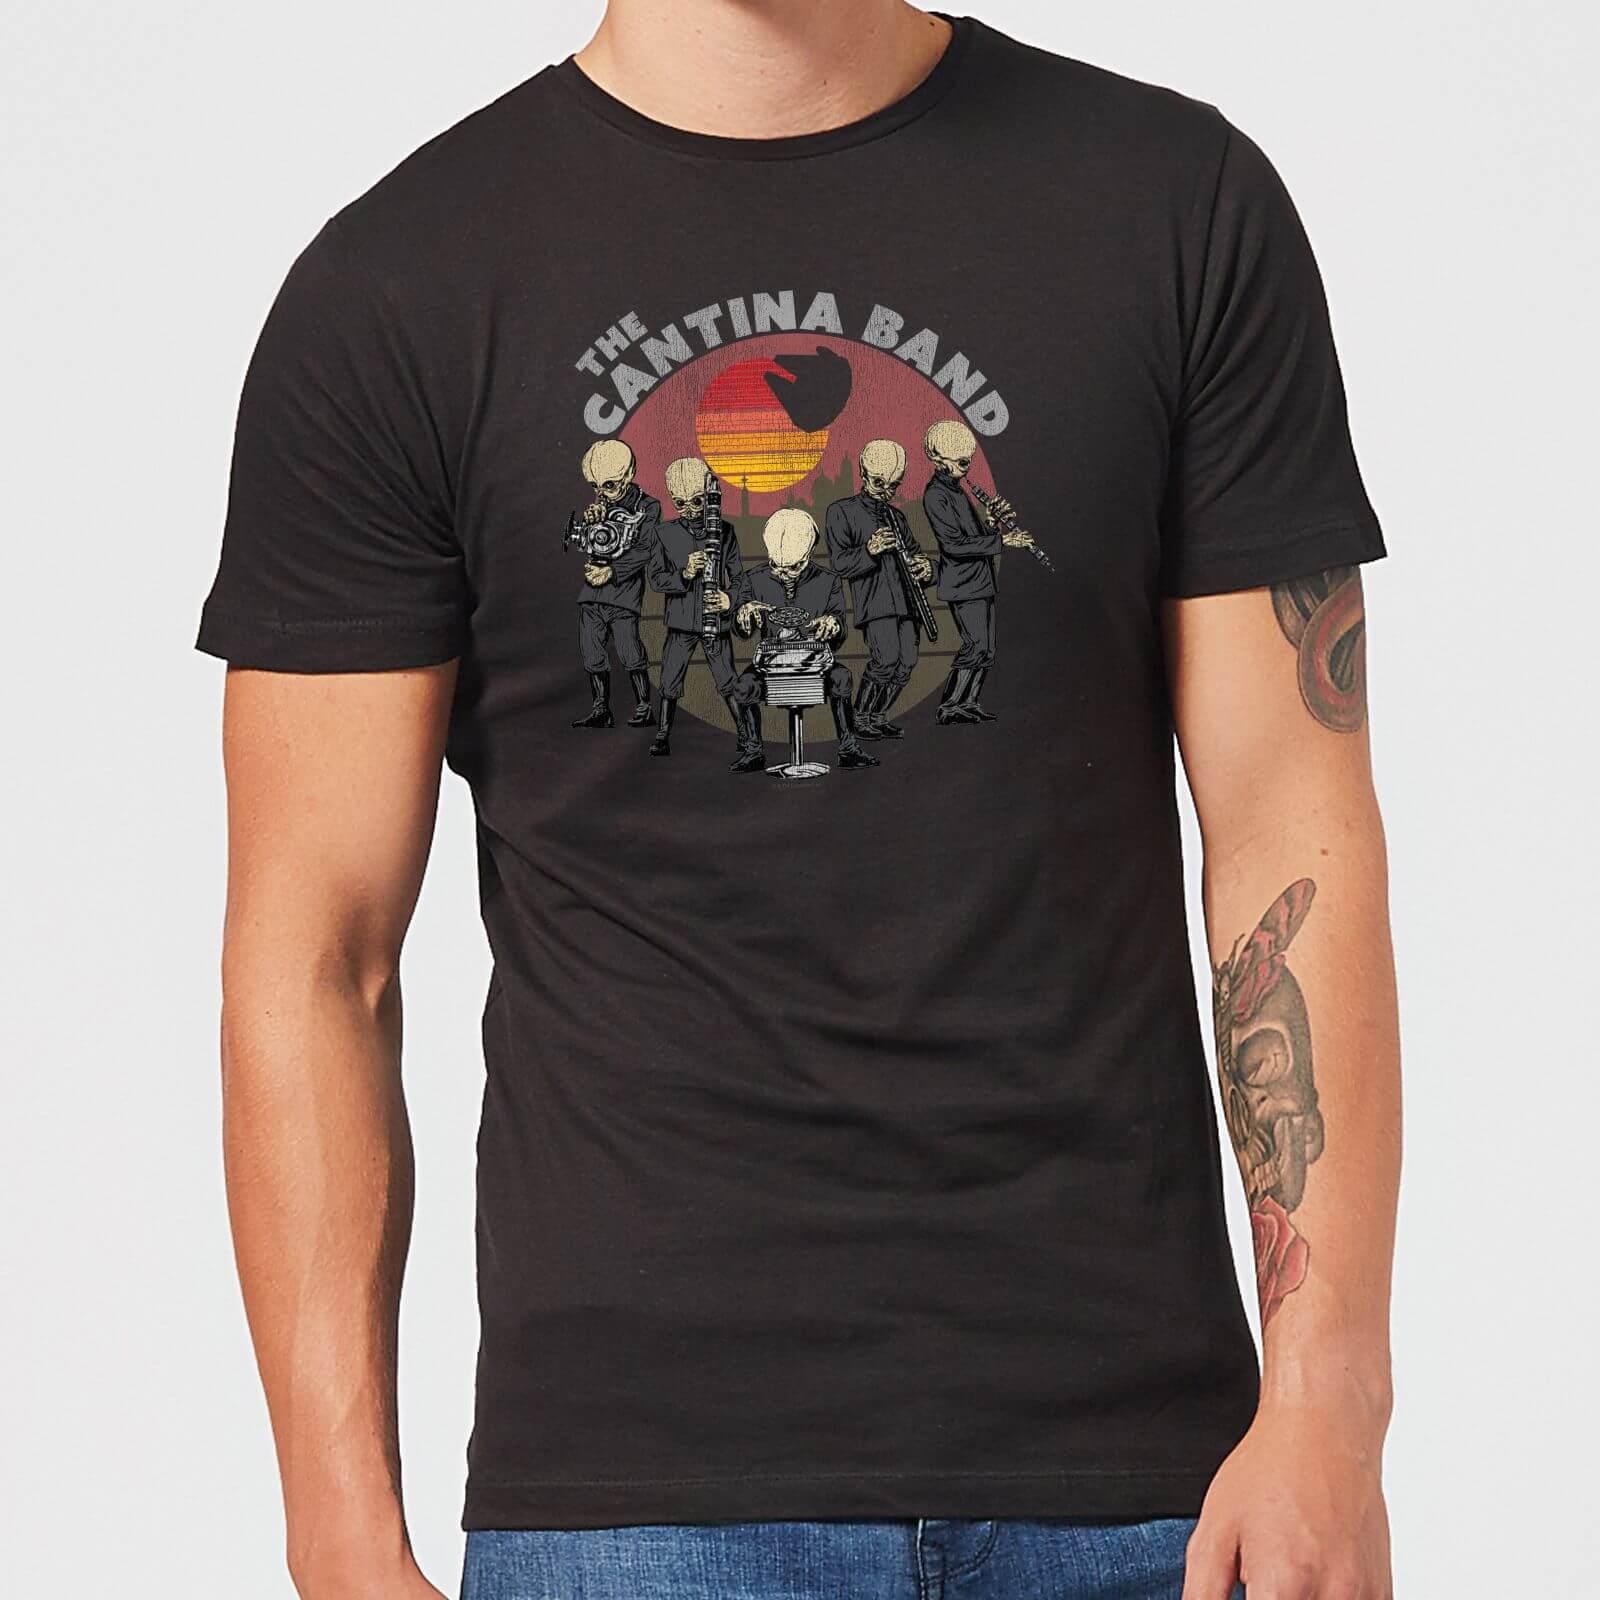 Star Wars Cantina Band T-Shirt